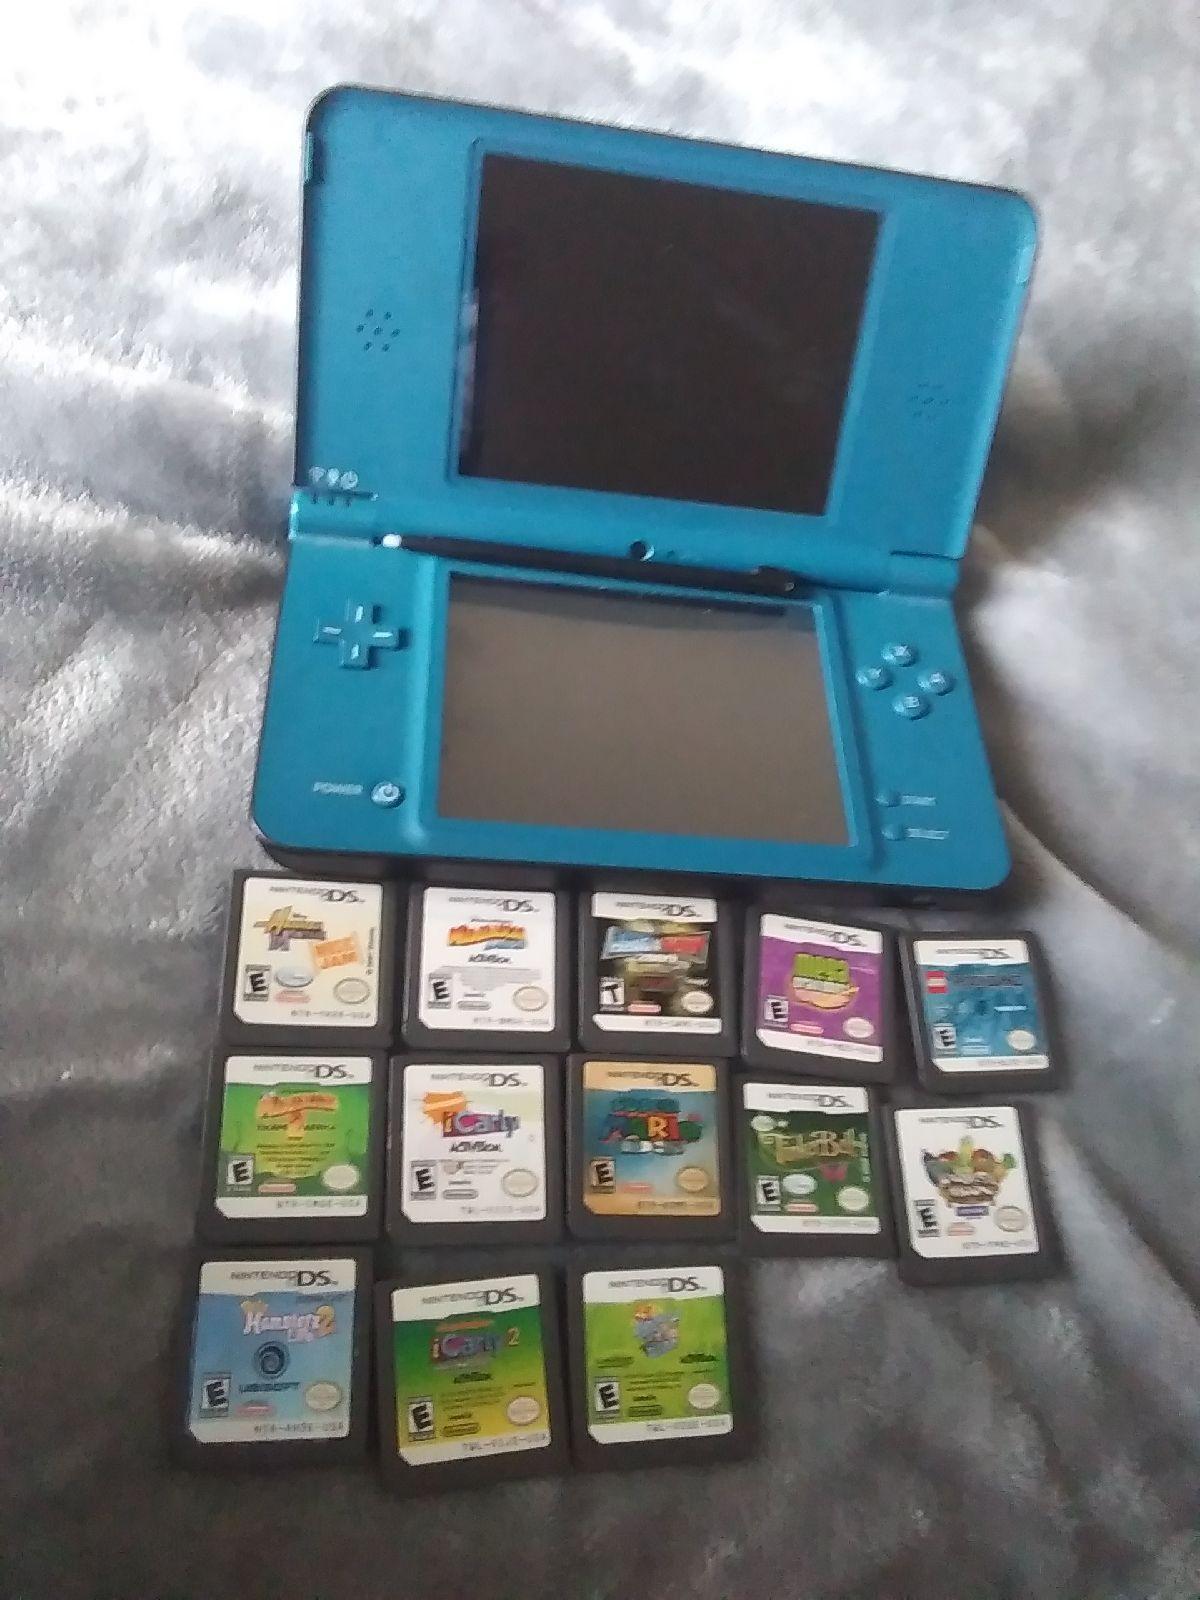 Nintendo Dsi Xl Dsi Nintendo Dsi Dsi Xl